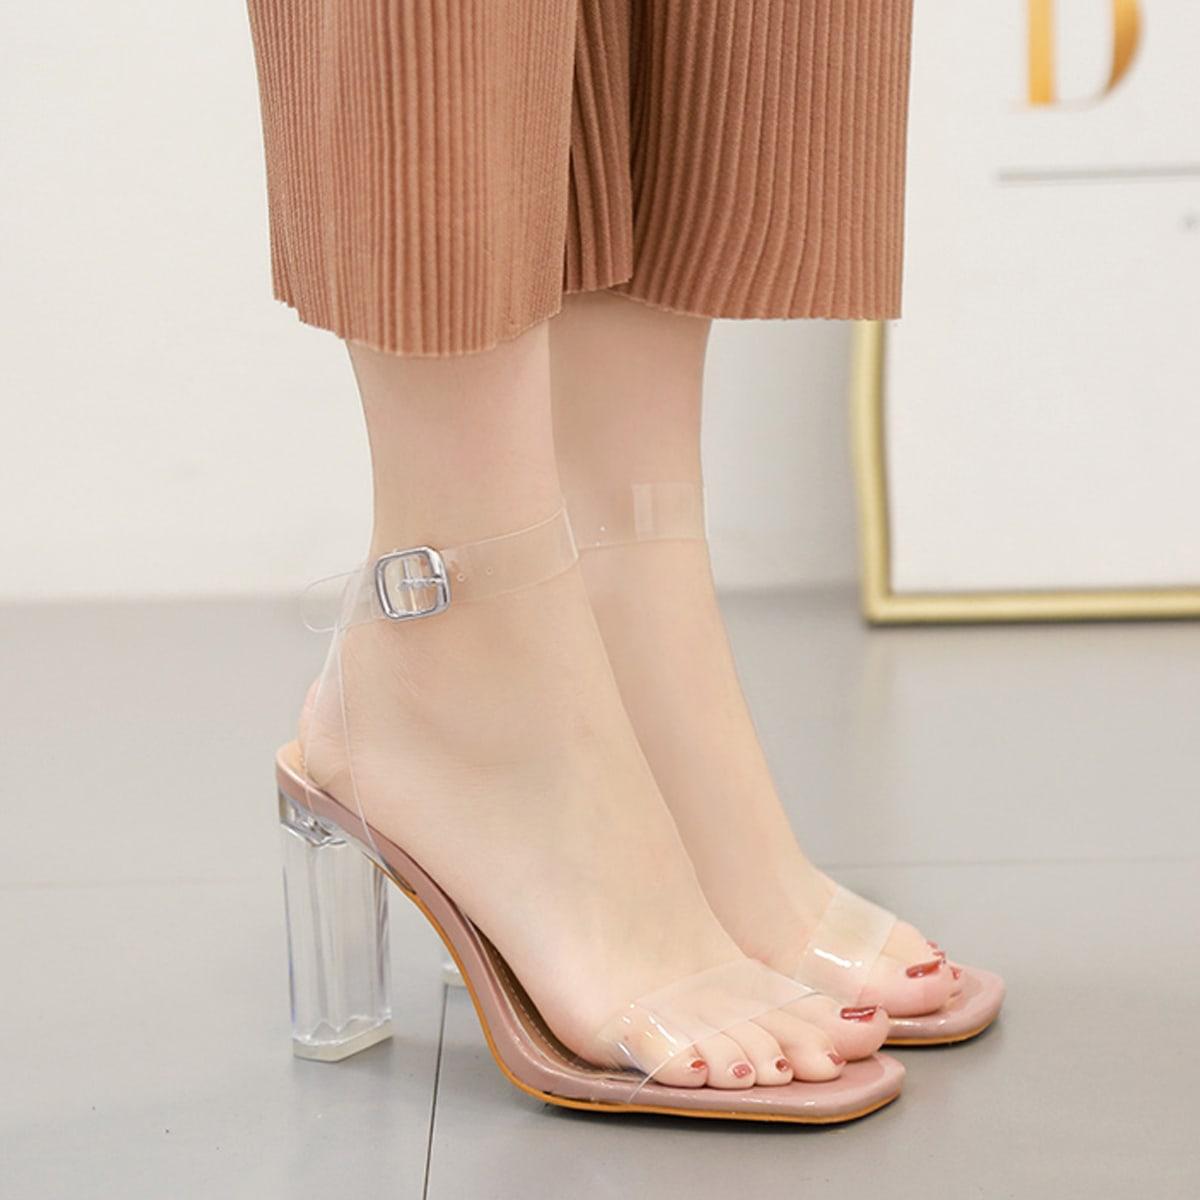 Прозрачные туфли с массивным каблуком и пряжкой